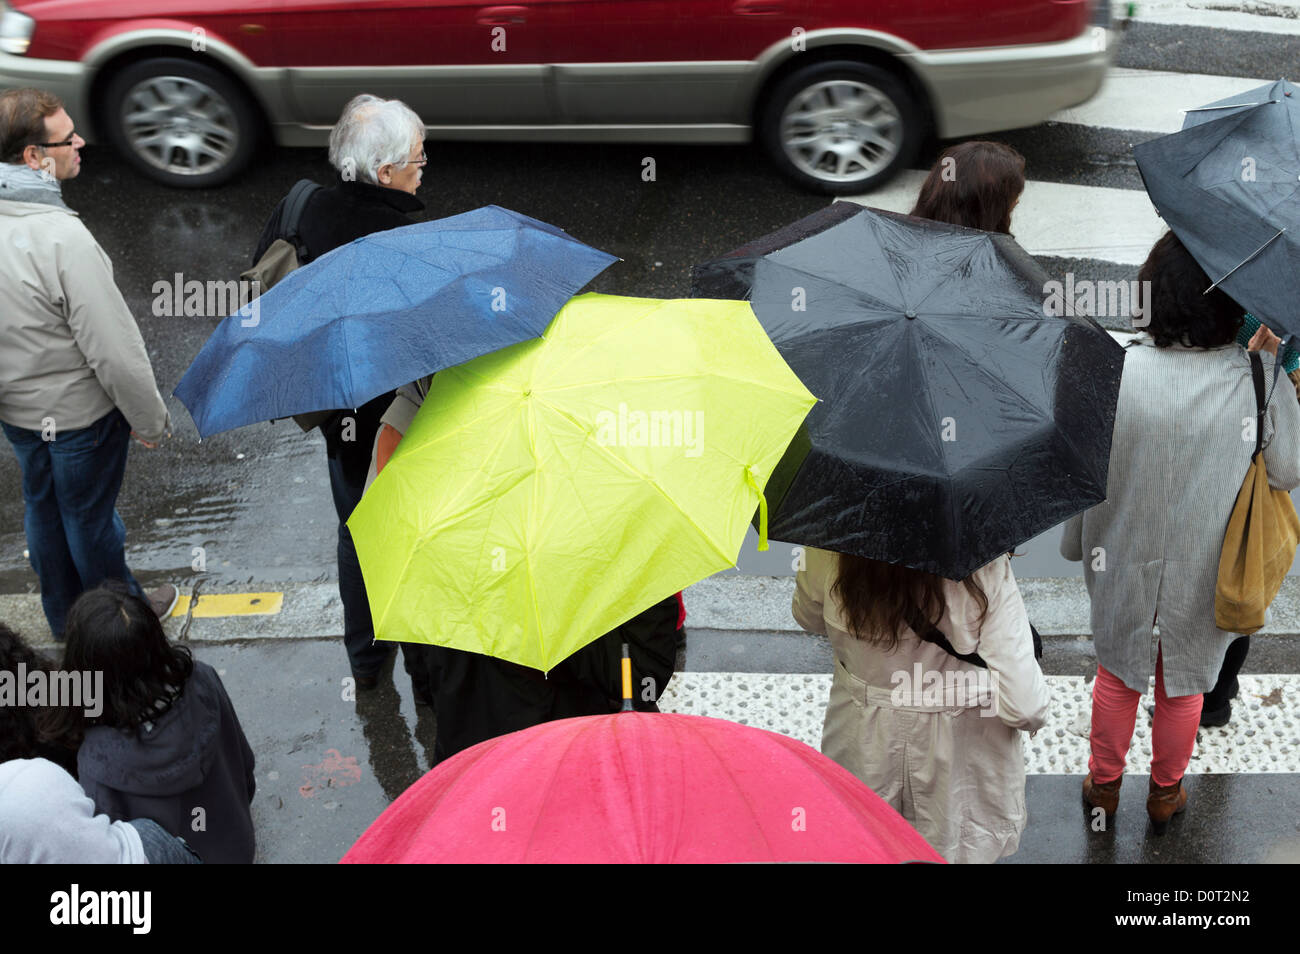 Paris, Frankreich: Fußgänger mit Sonnenschirmen auf einer Stadtstraße im Regen. Stockbild